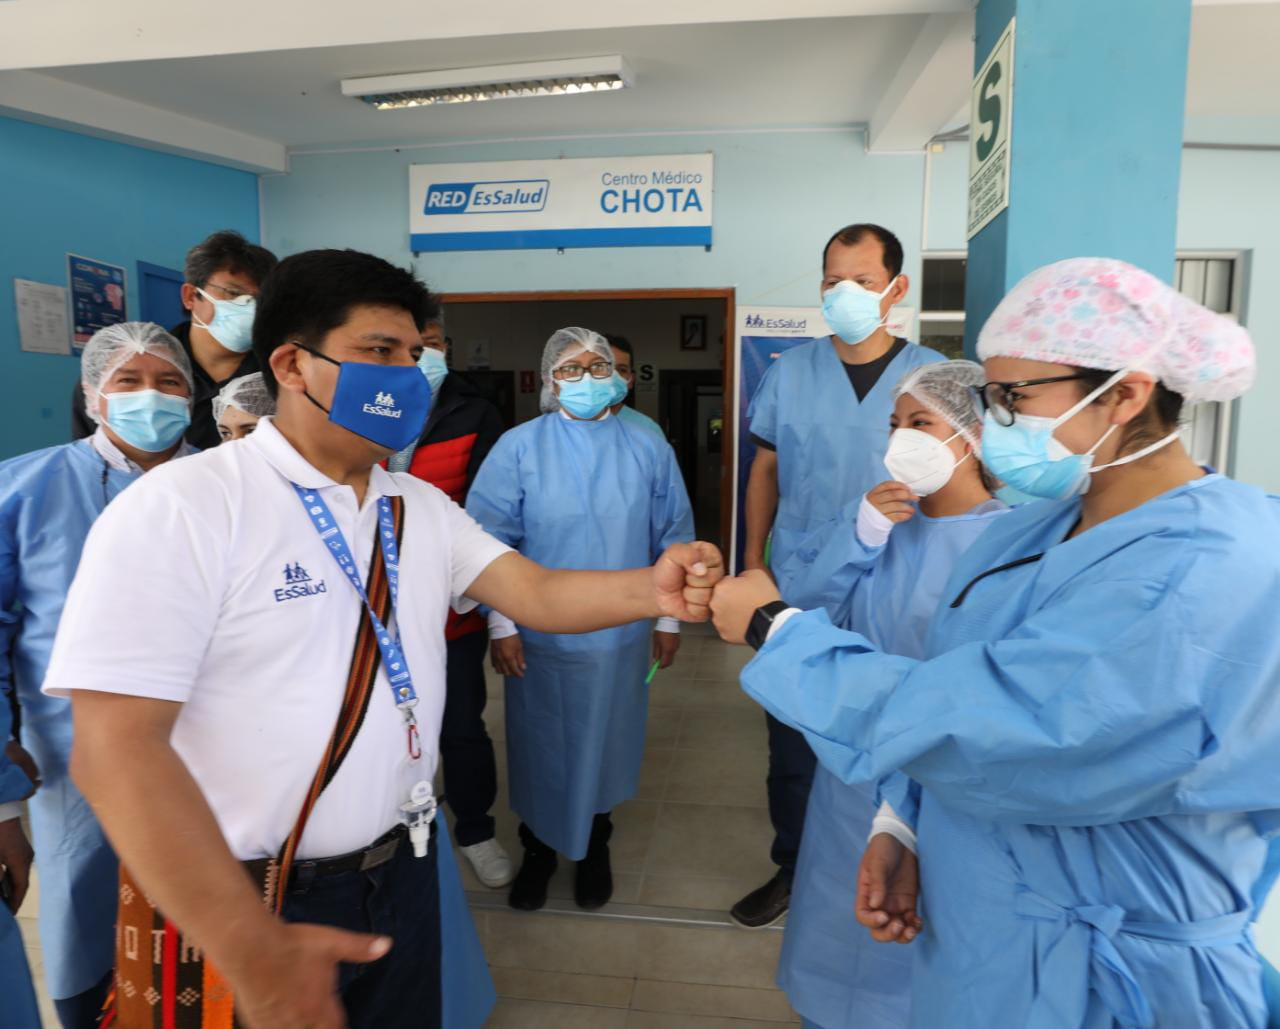 Essalud - EsSalud optimiza la accesibilidad de sus servicios de salud a miles de pobladores de Chota y Cutervo